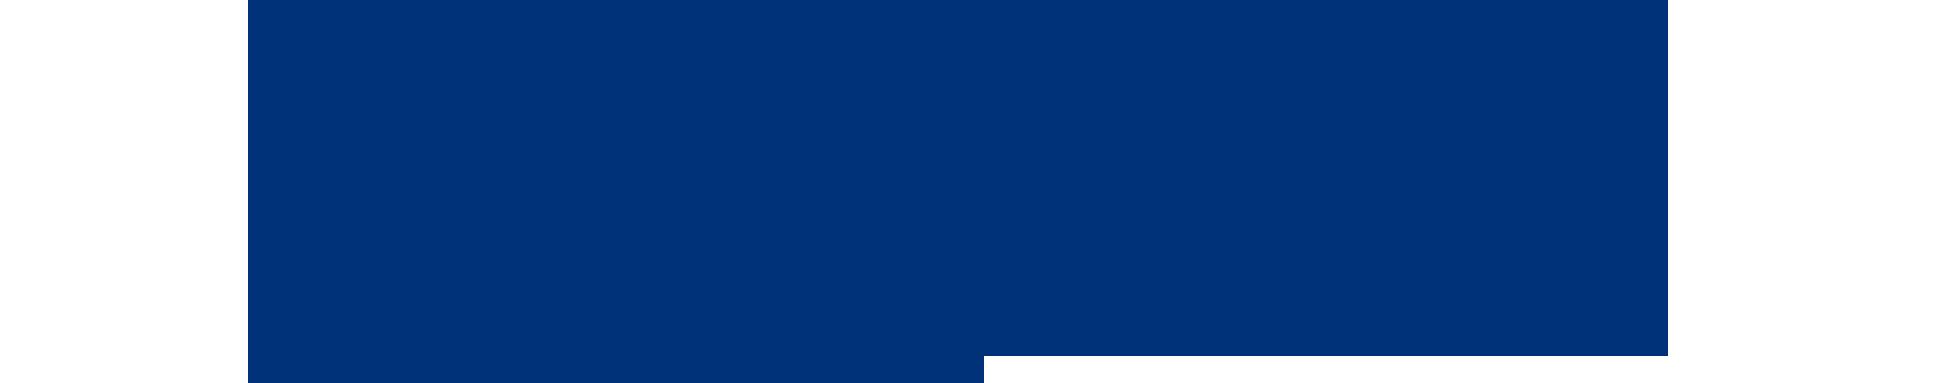 idc-color2